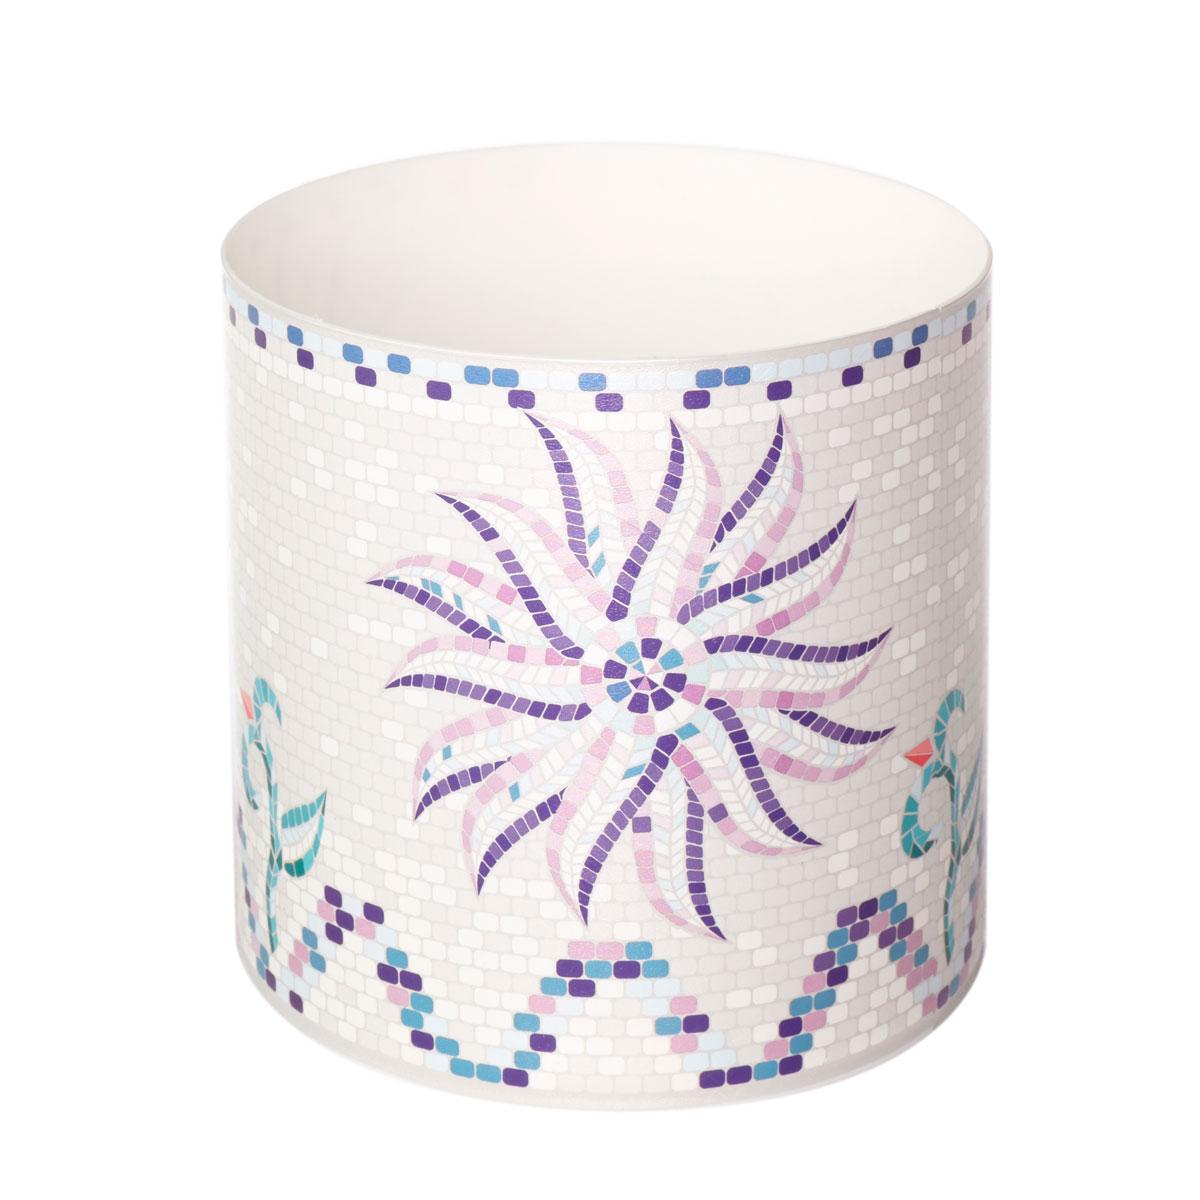 Горшок для цветов Miolla Мозаика белая со скрытым поддоном, 1лSMG-19Декоративный горшочек Miolla c 3D рисунком. Хорошо будут смотреться как основа для топиариев и флористических композиций. А так же замечательно для комнатных цветов. Со скрытым поддоном.